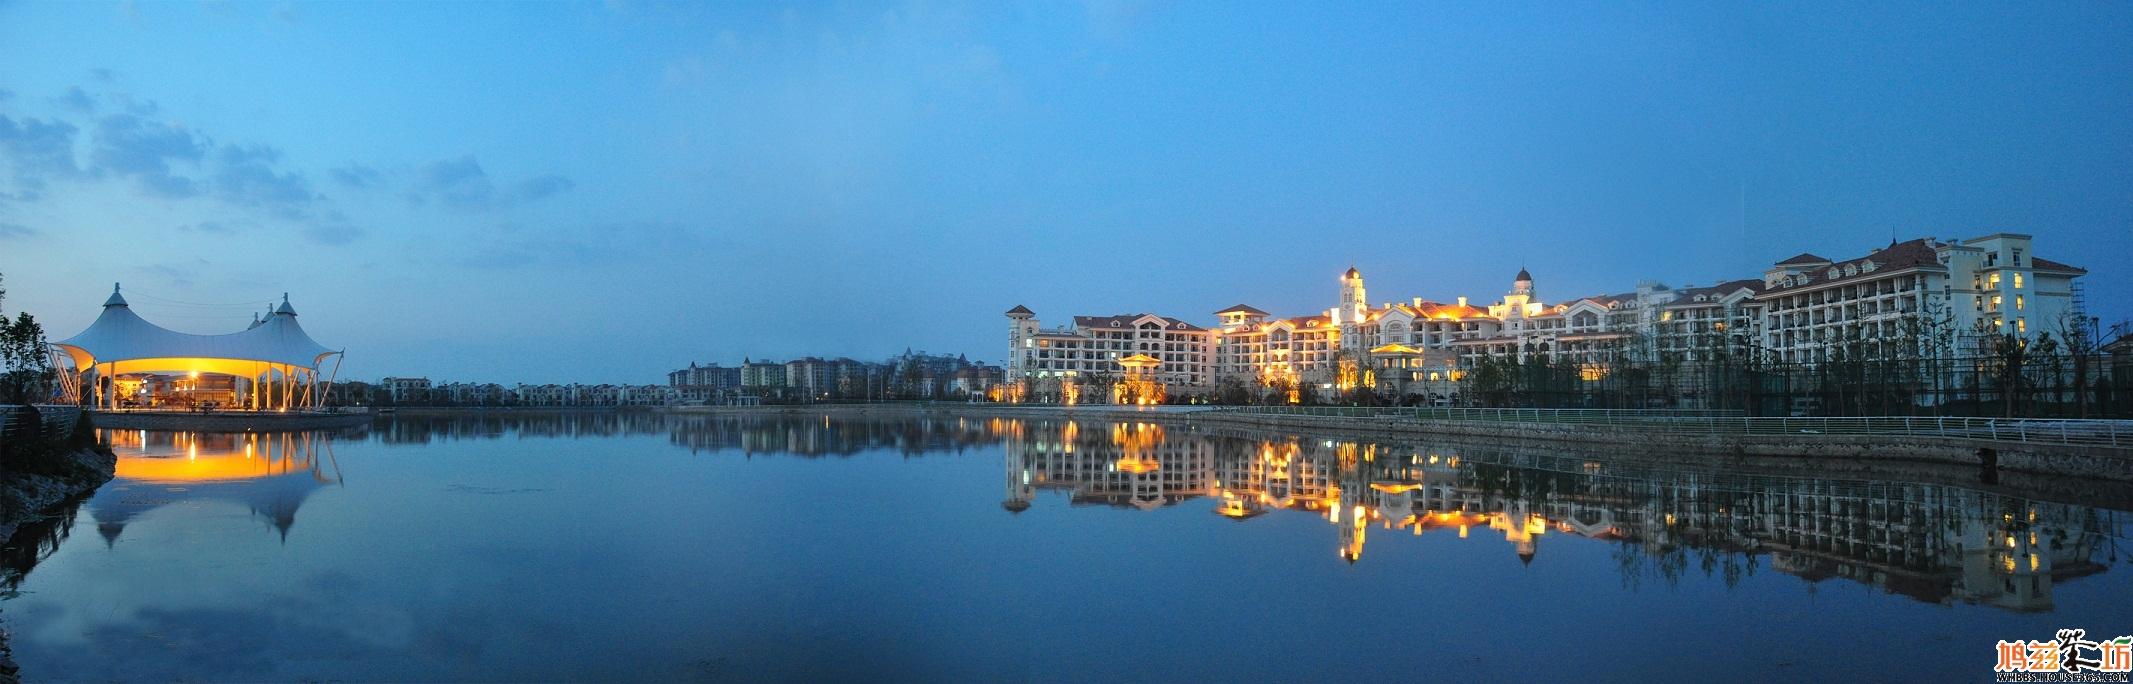 安徽芜湖的风景